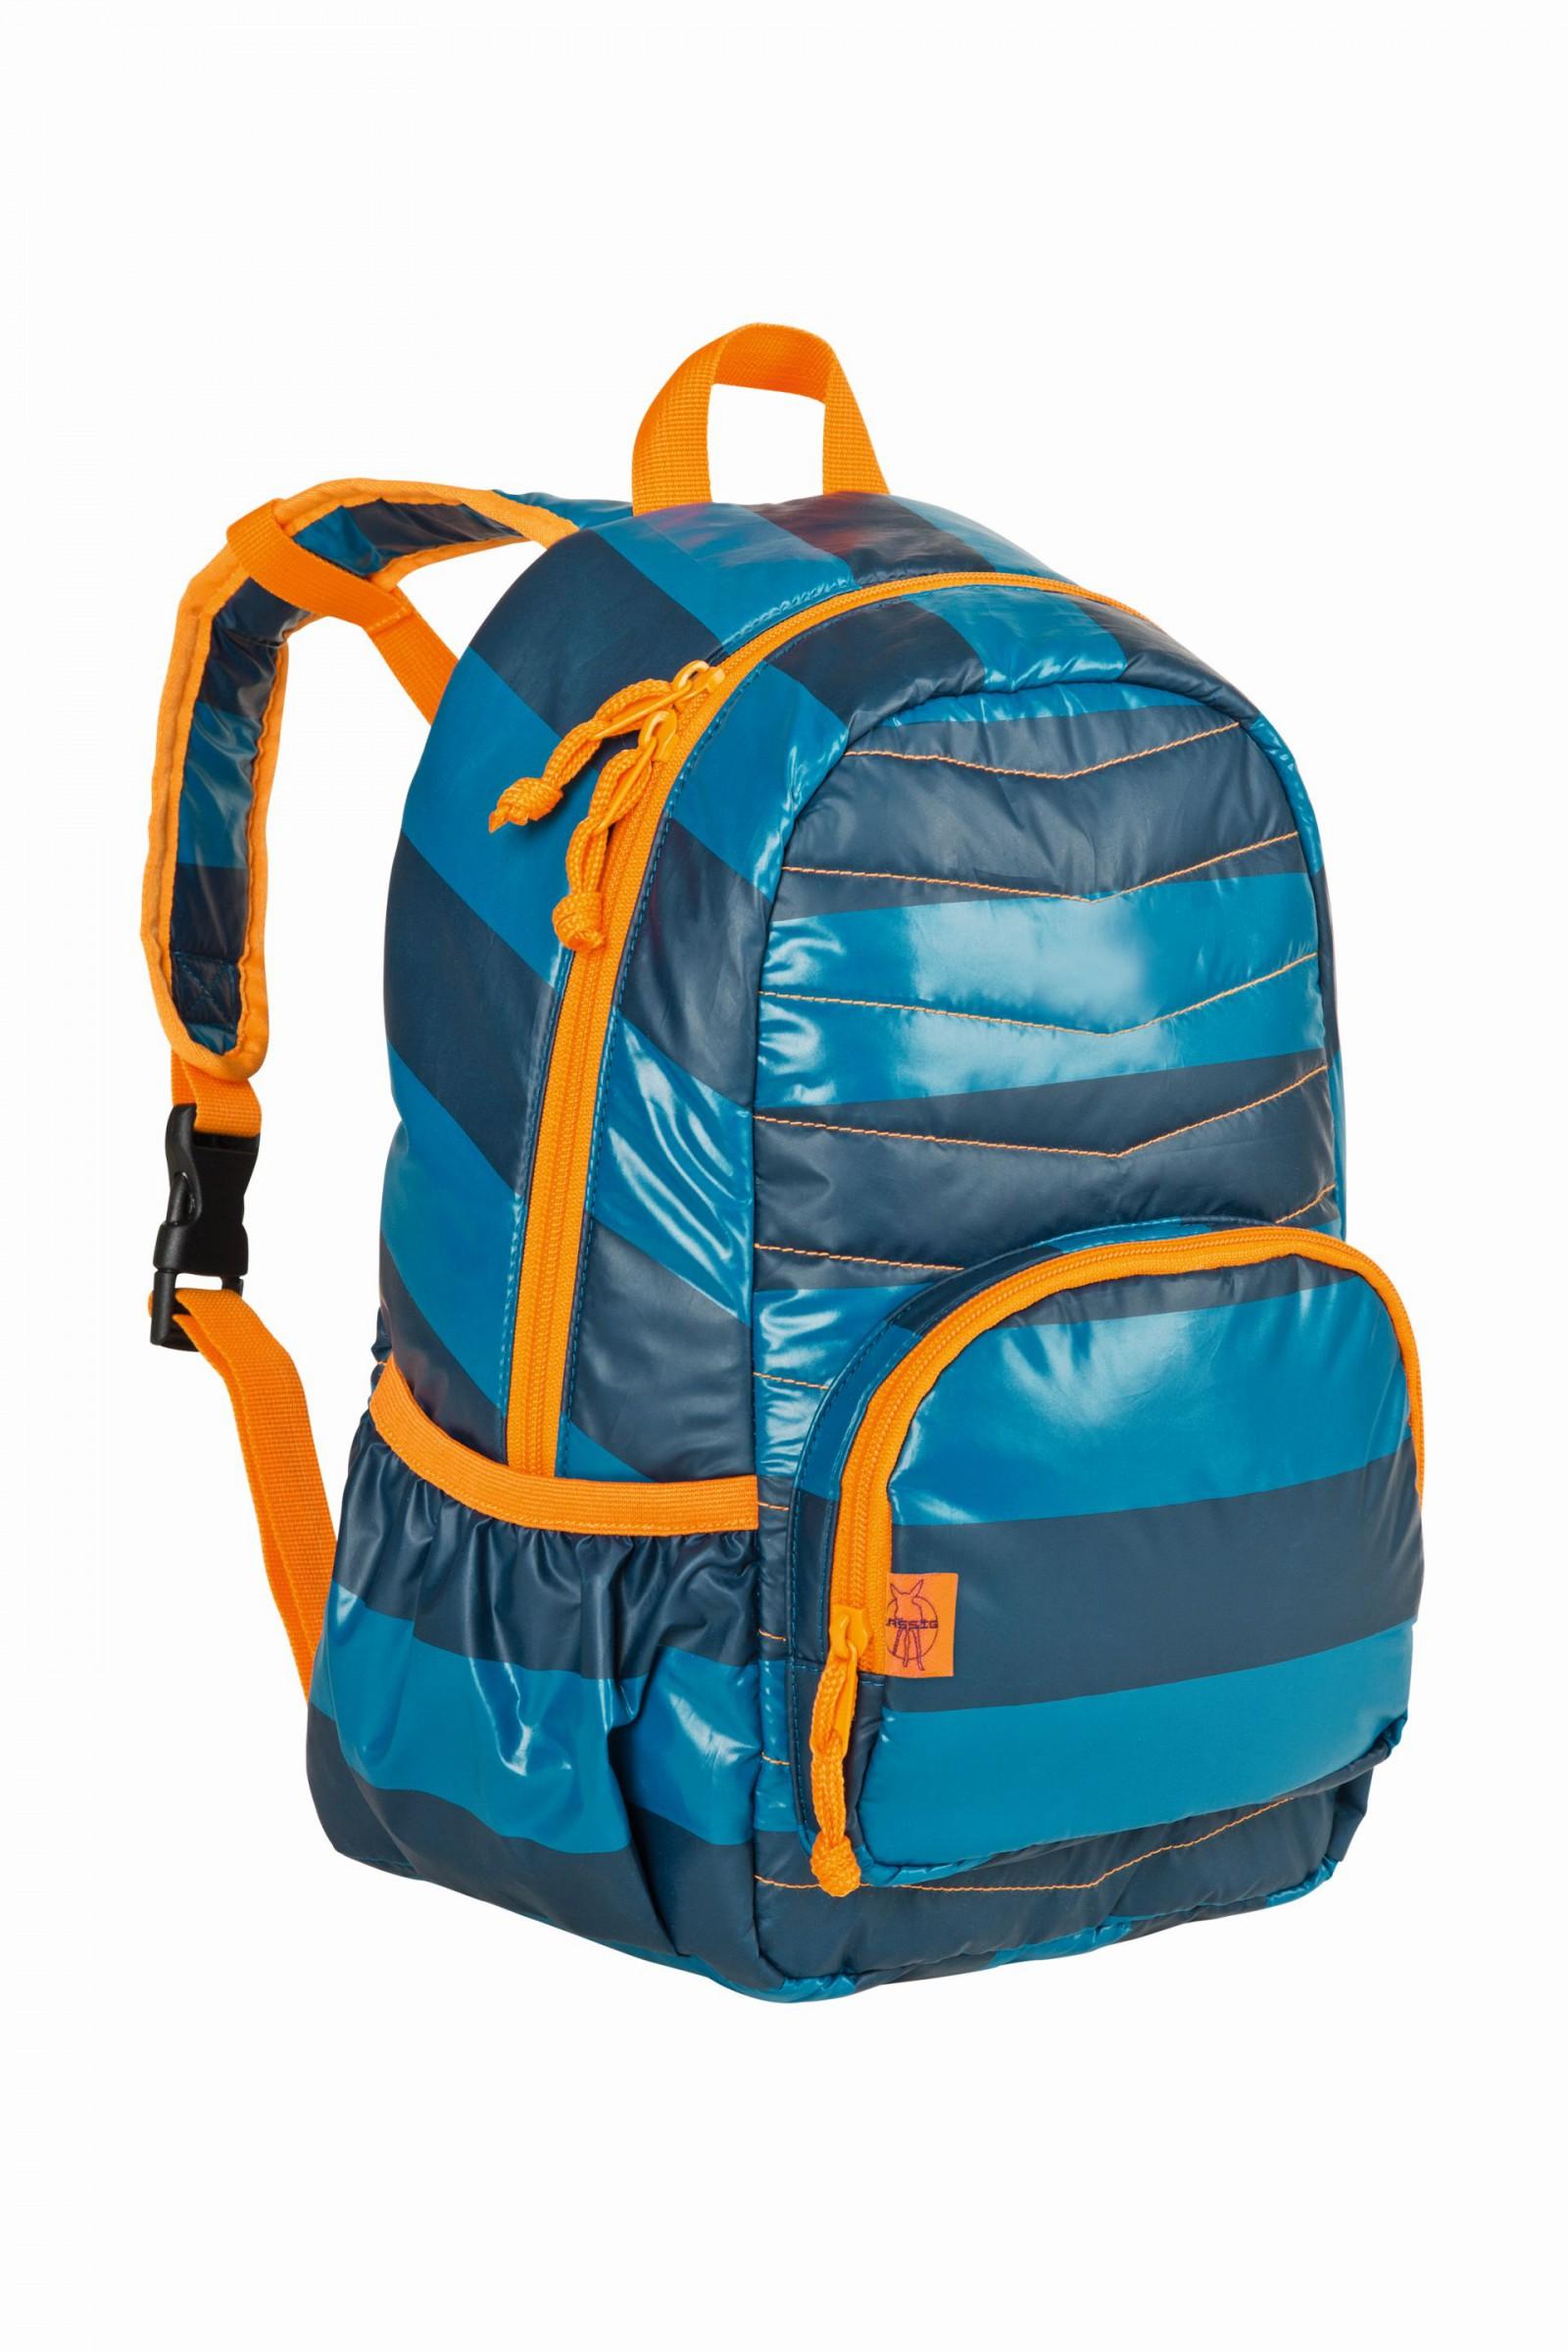 Lässig 4Kids Quilted Backpack